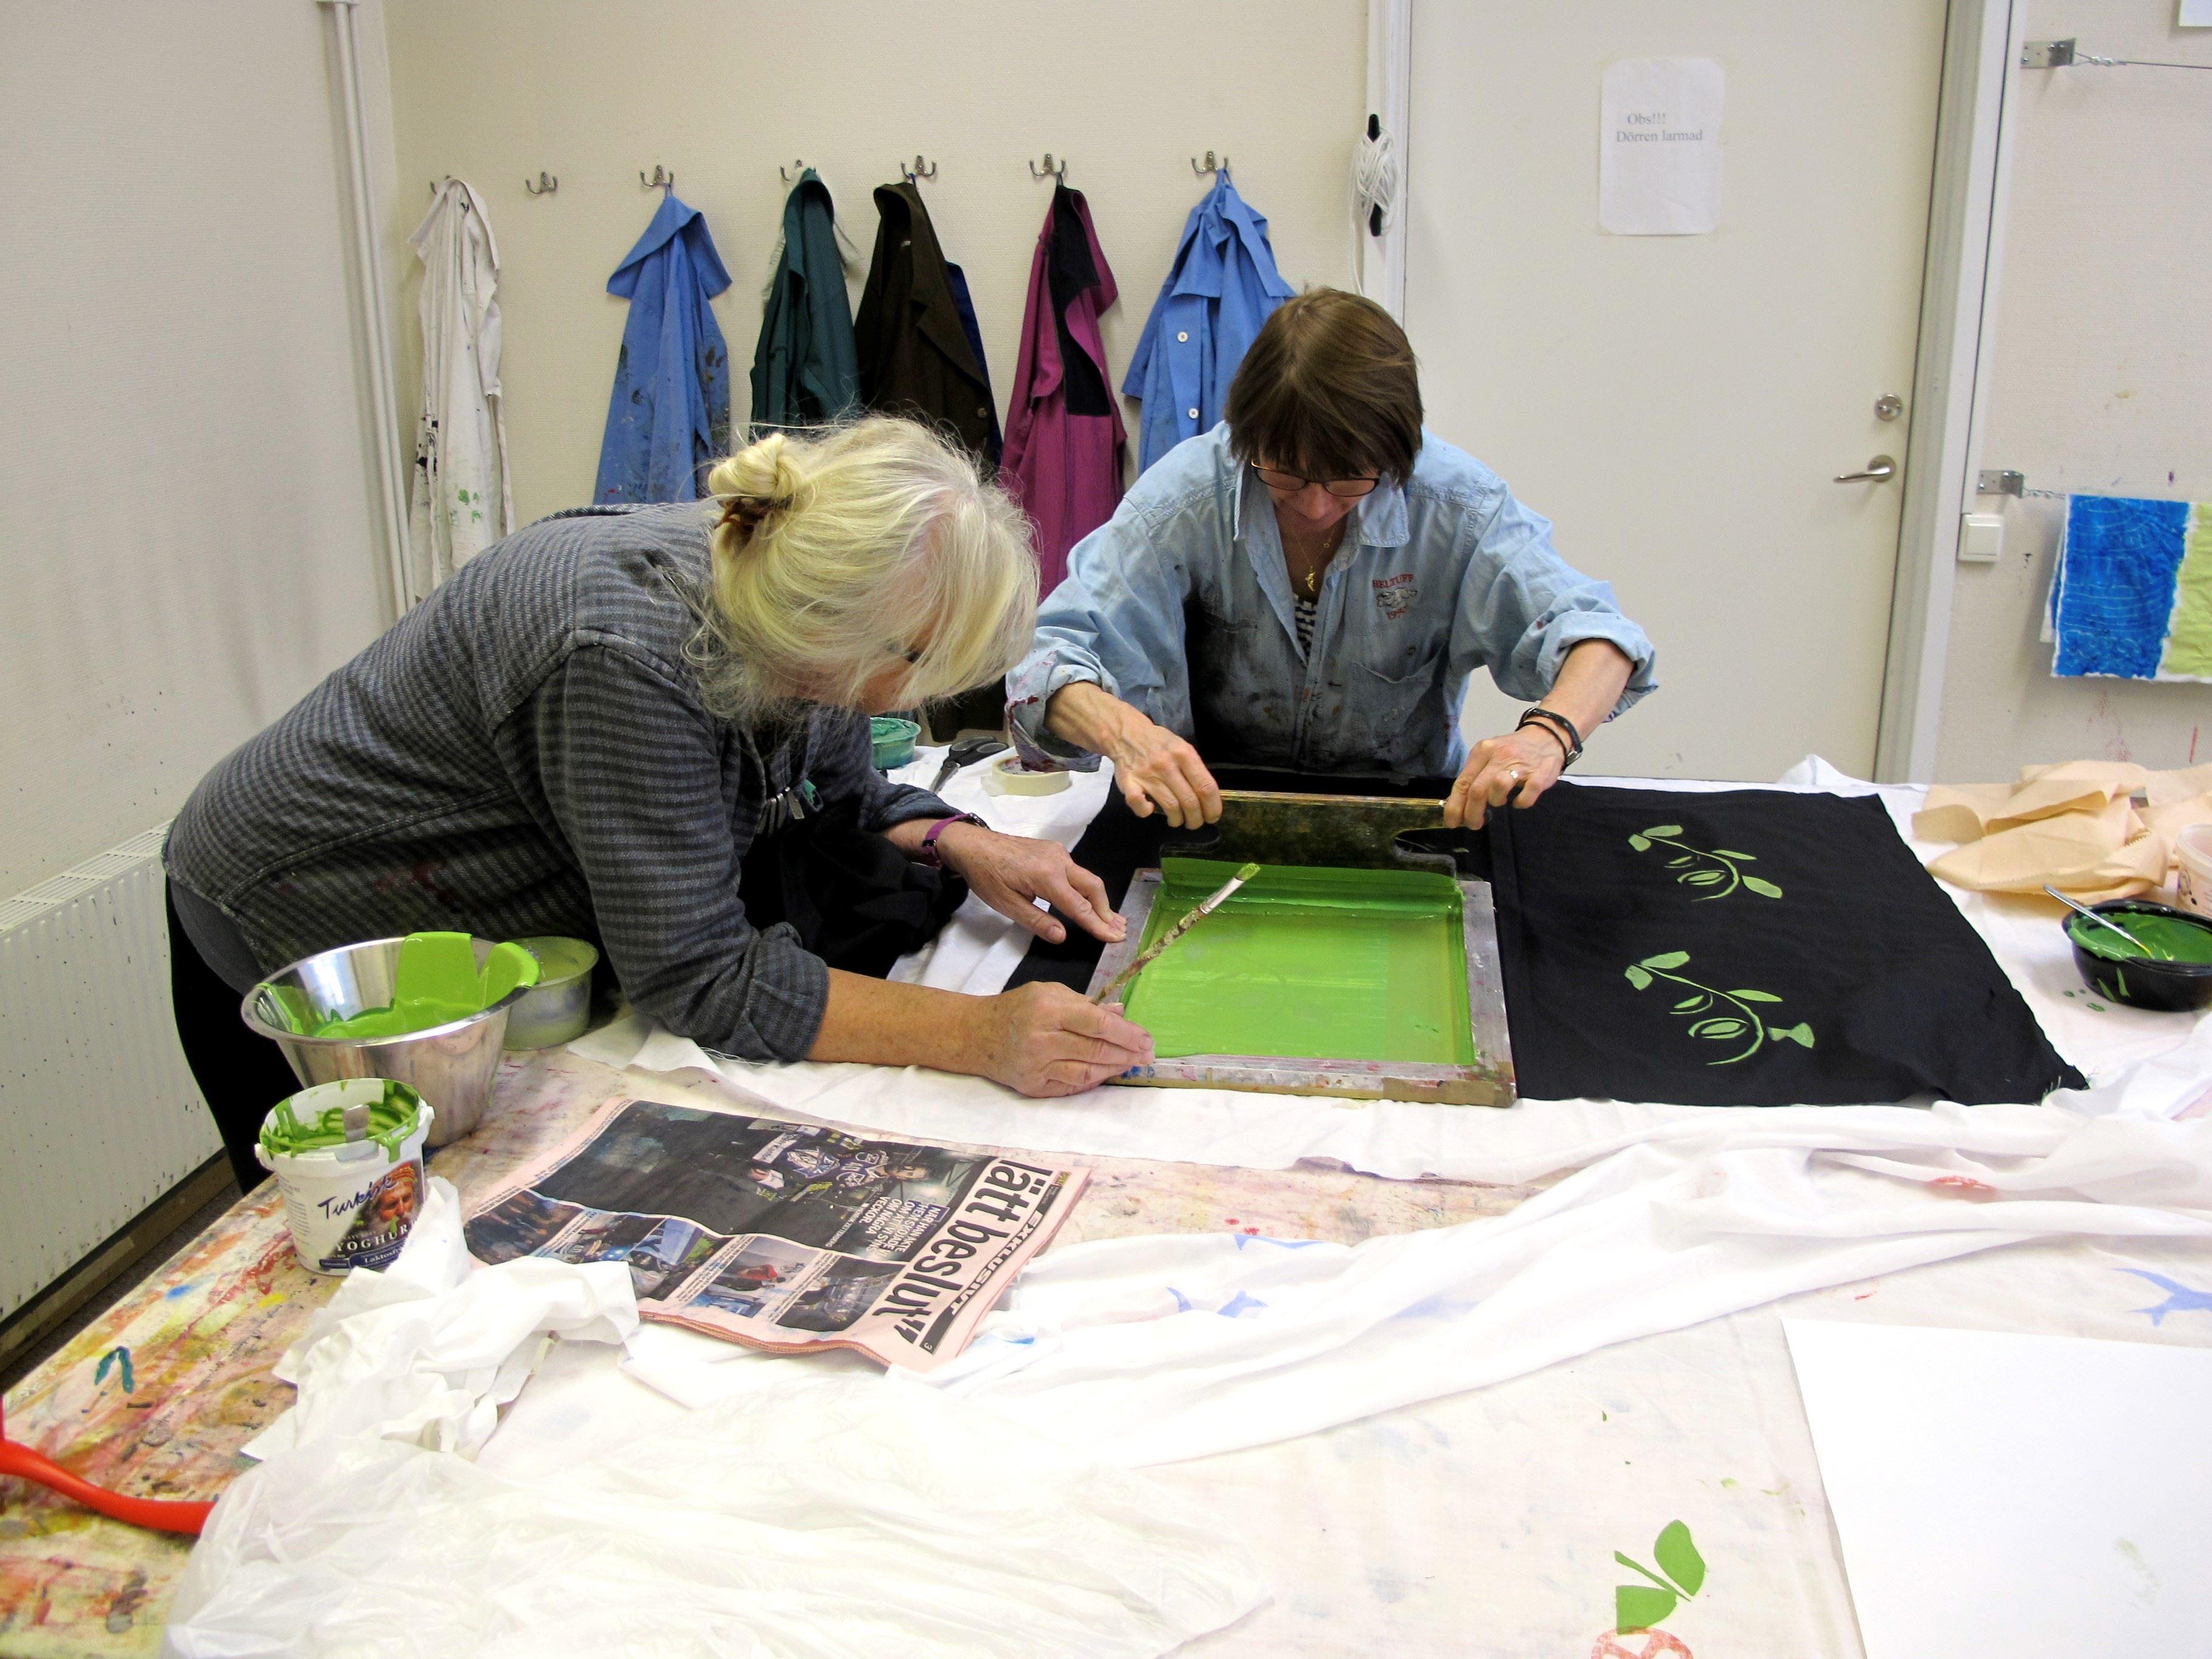 Kurs i textiltryck